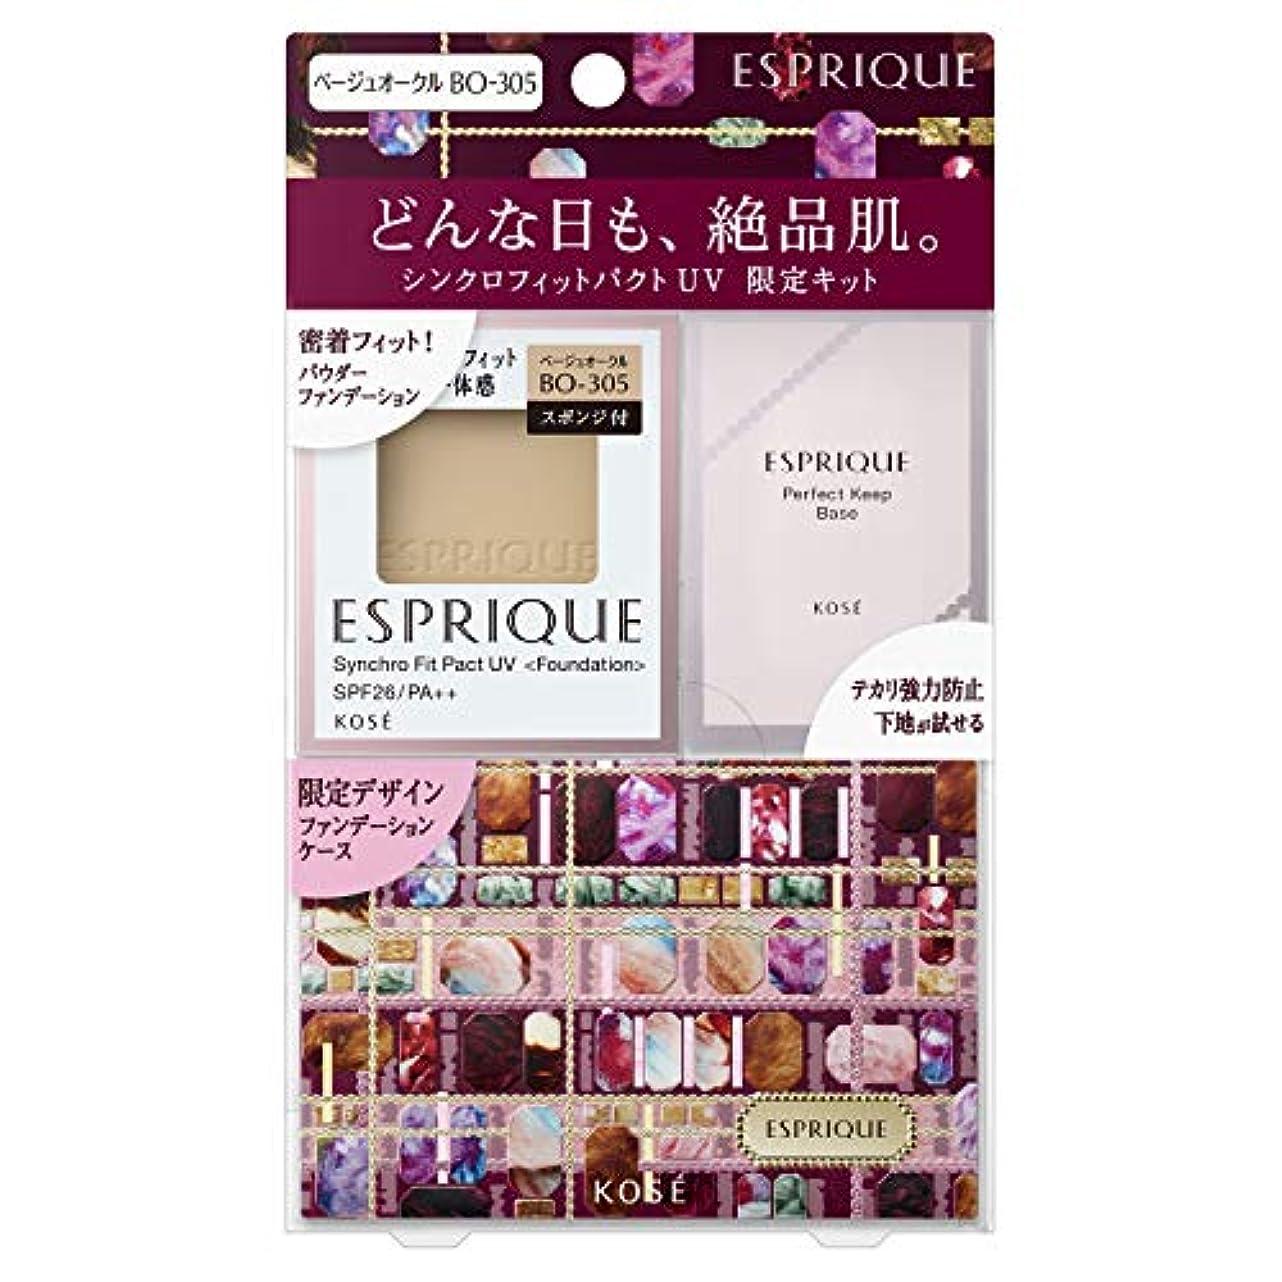 障害者別の標準ESPRIQUE(エスプリーク) エスプリーク シンクロフィット パクト UV 限定キット 2 ファンデーション BO-305 ベージュオークル セット 9.3g+0.6g+ケース付き